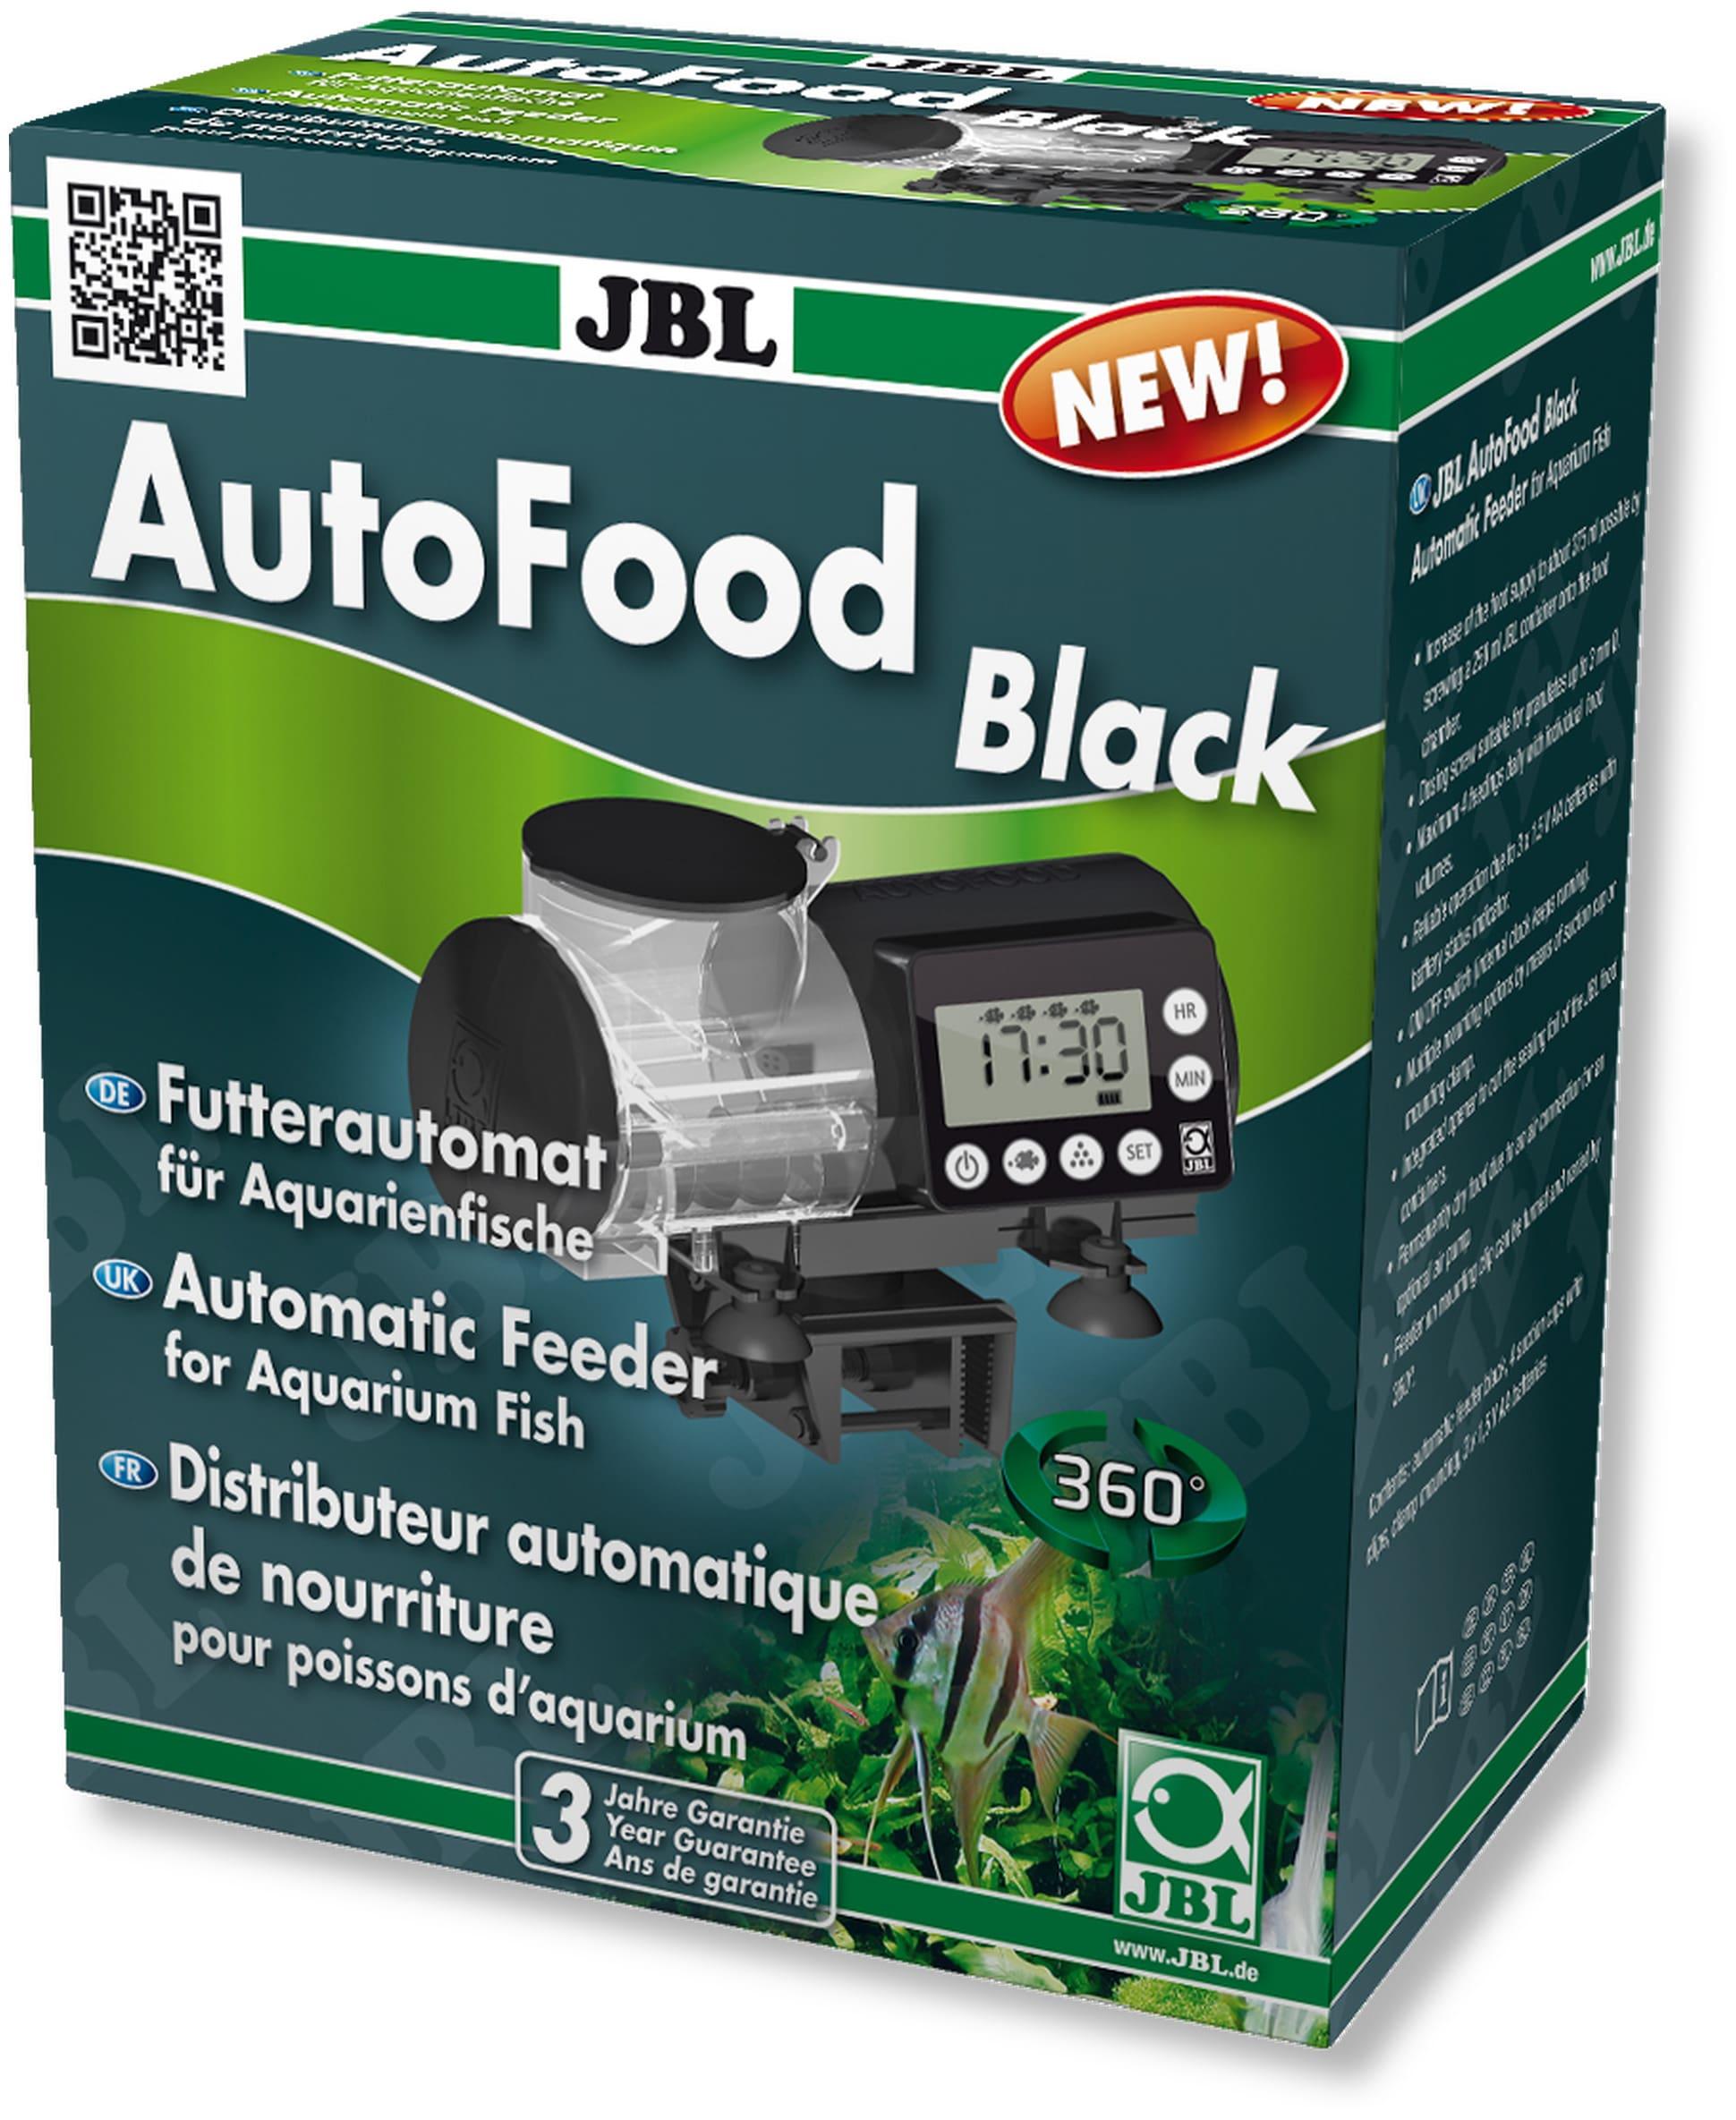 JBL AutoFood Black distributeur de nourriture automatique pour aquarium